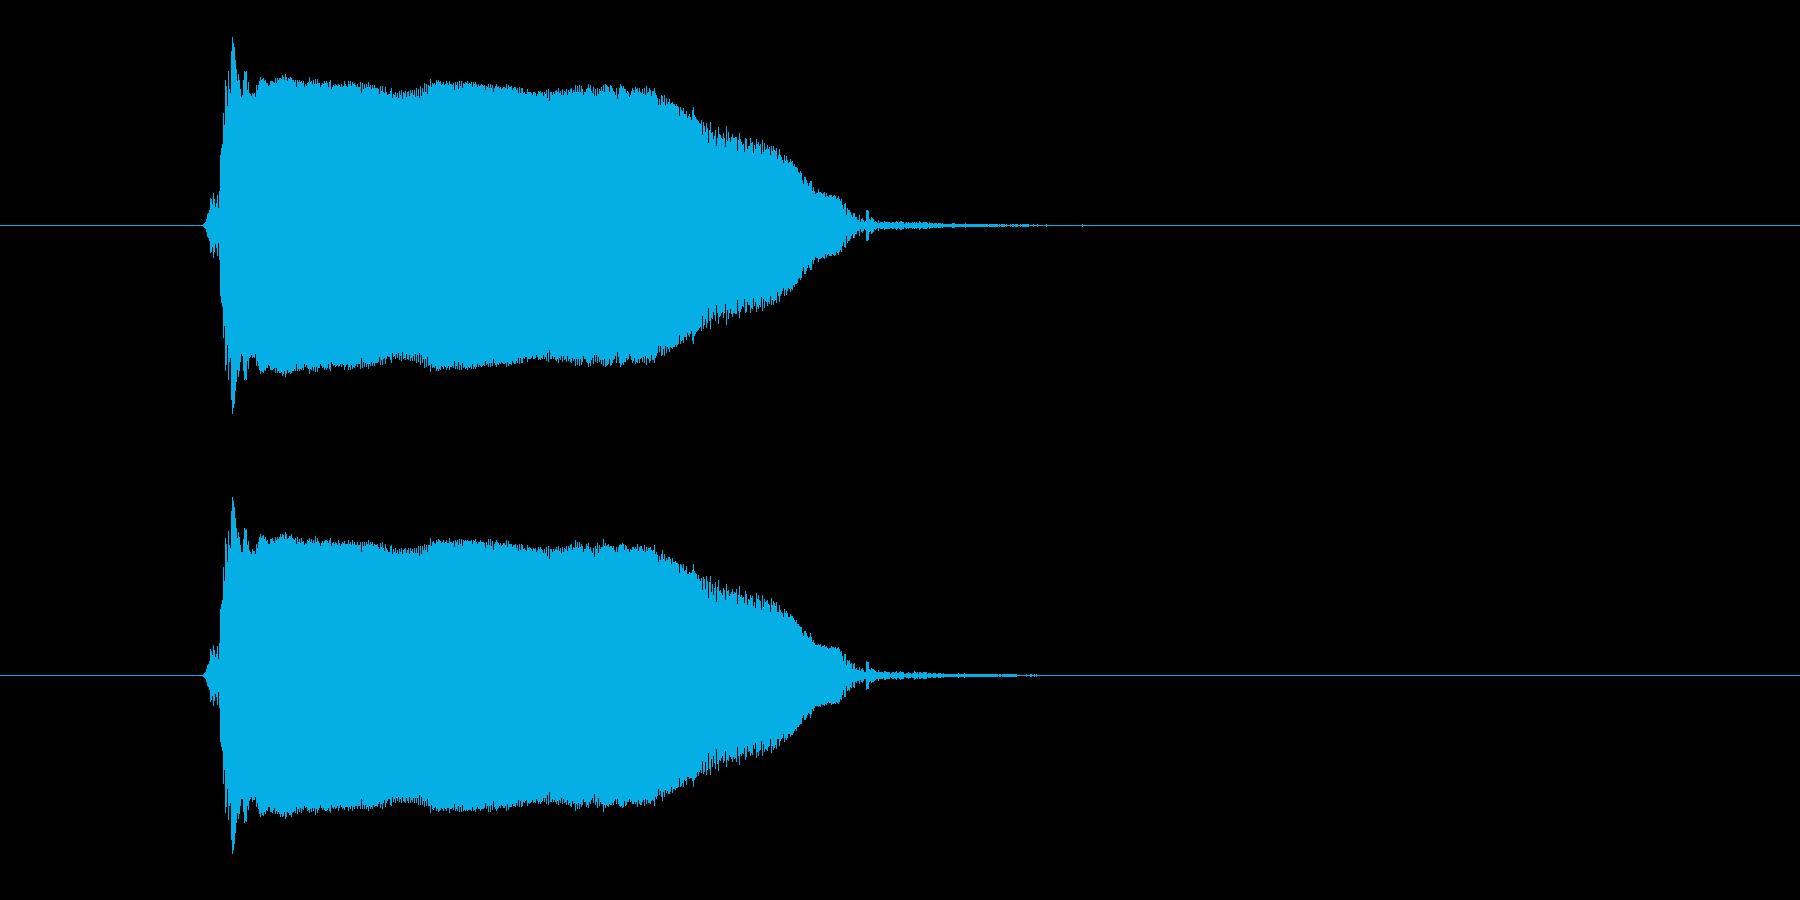 ギュゥゥ~ン(決定音、ギター)の再生済みの波形